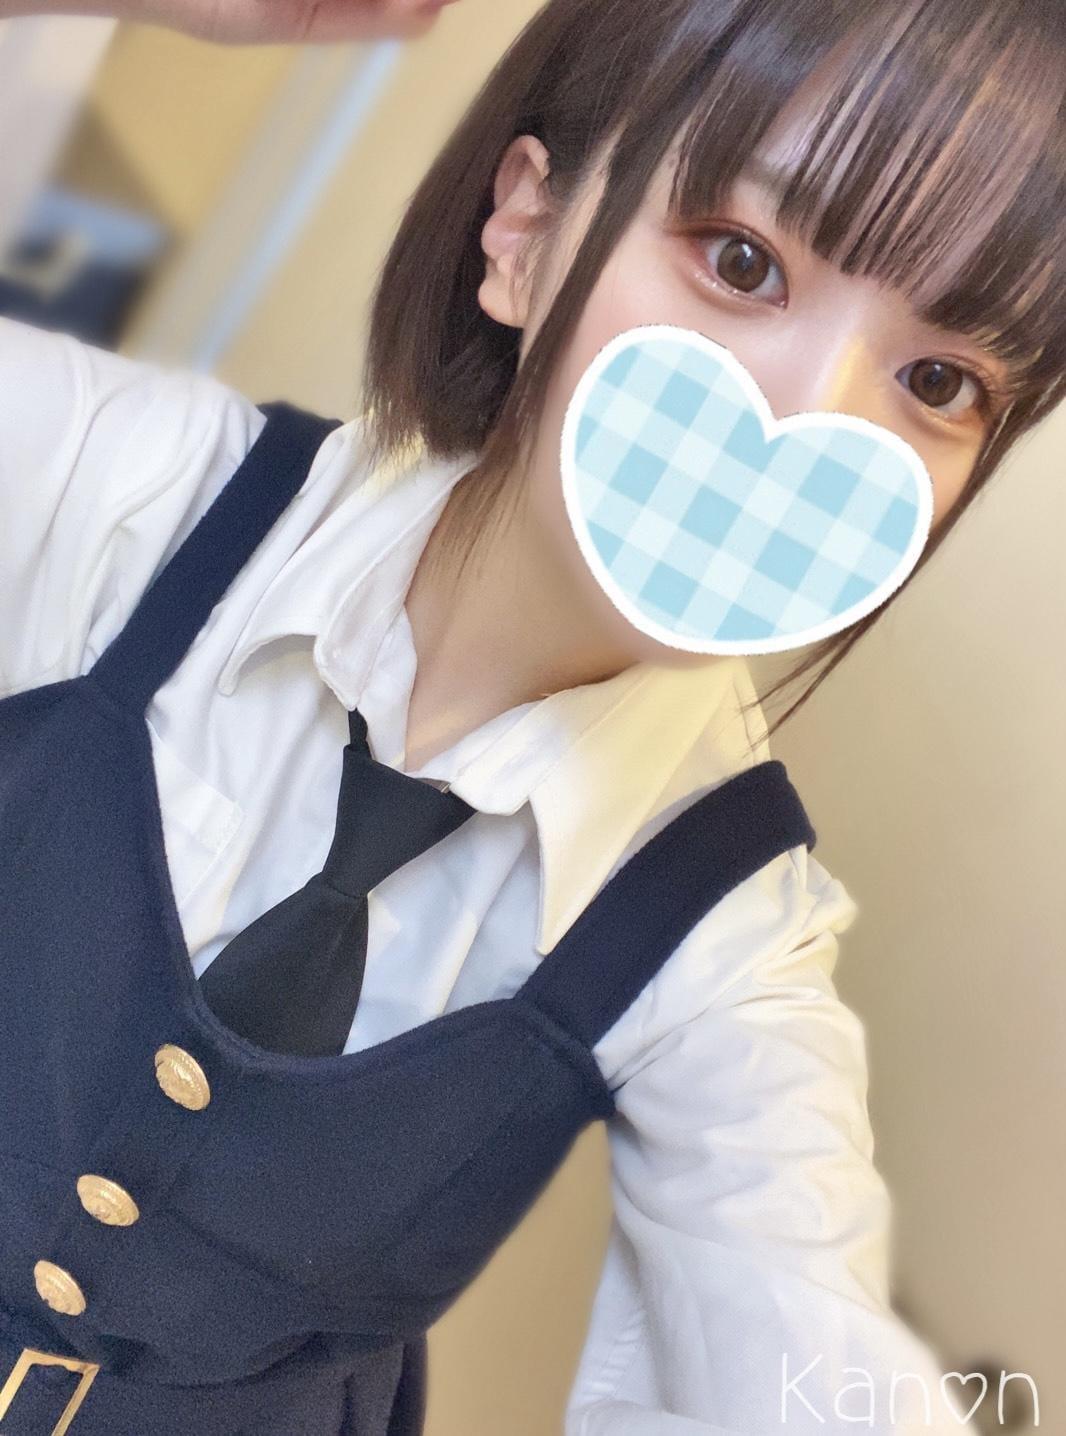 「♡お知らせ♡」06/18(金) 21:02 | かのんの写メ